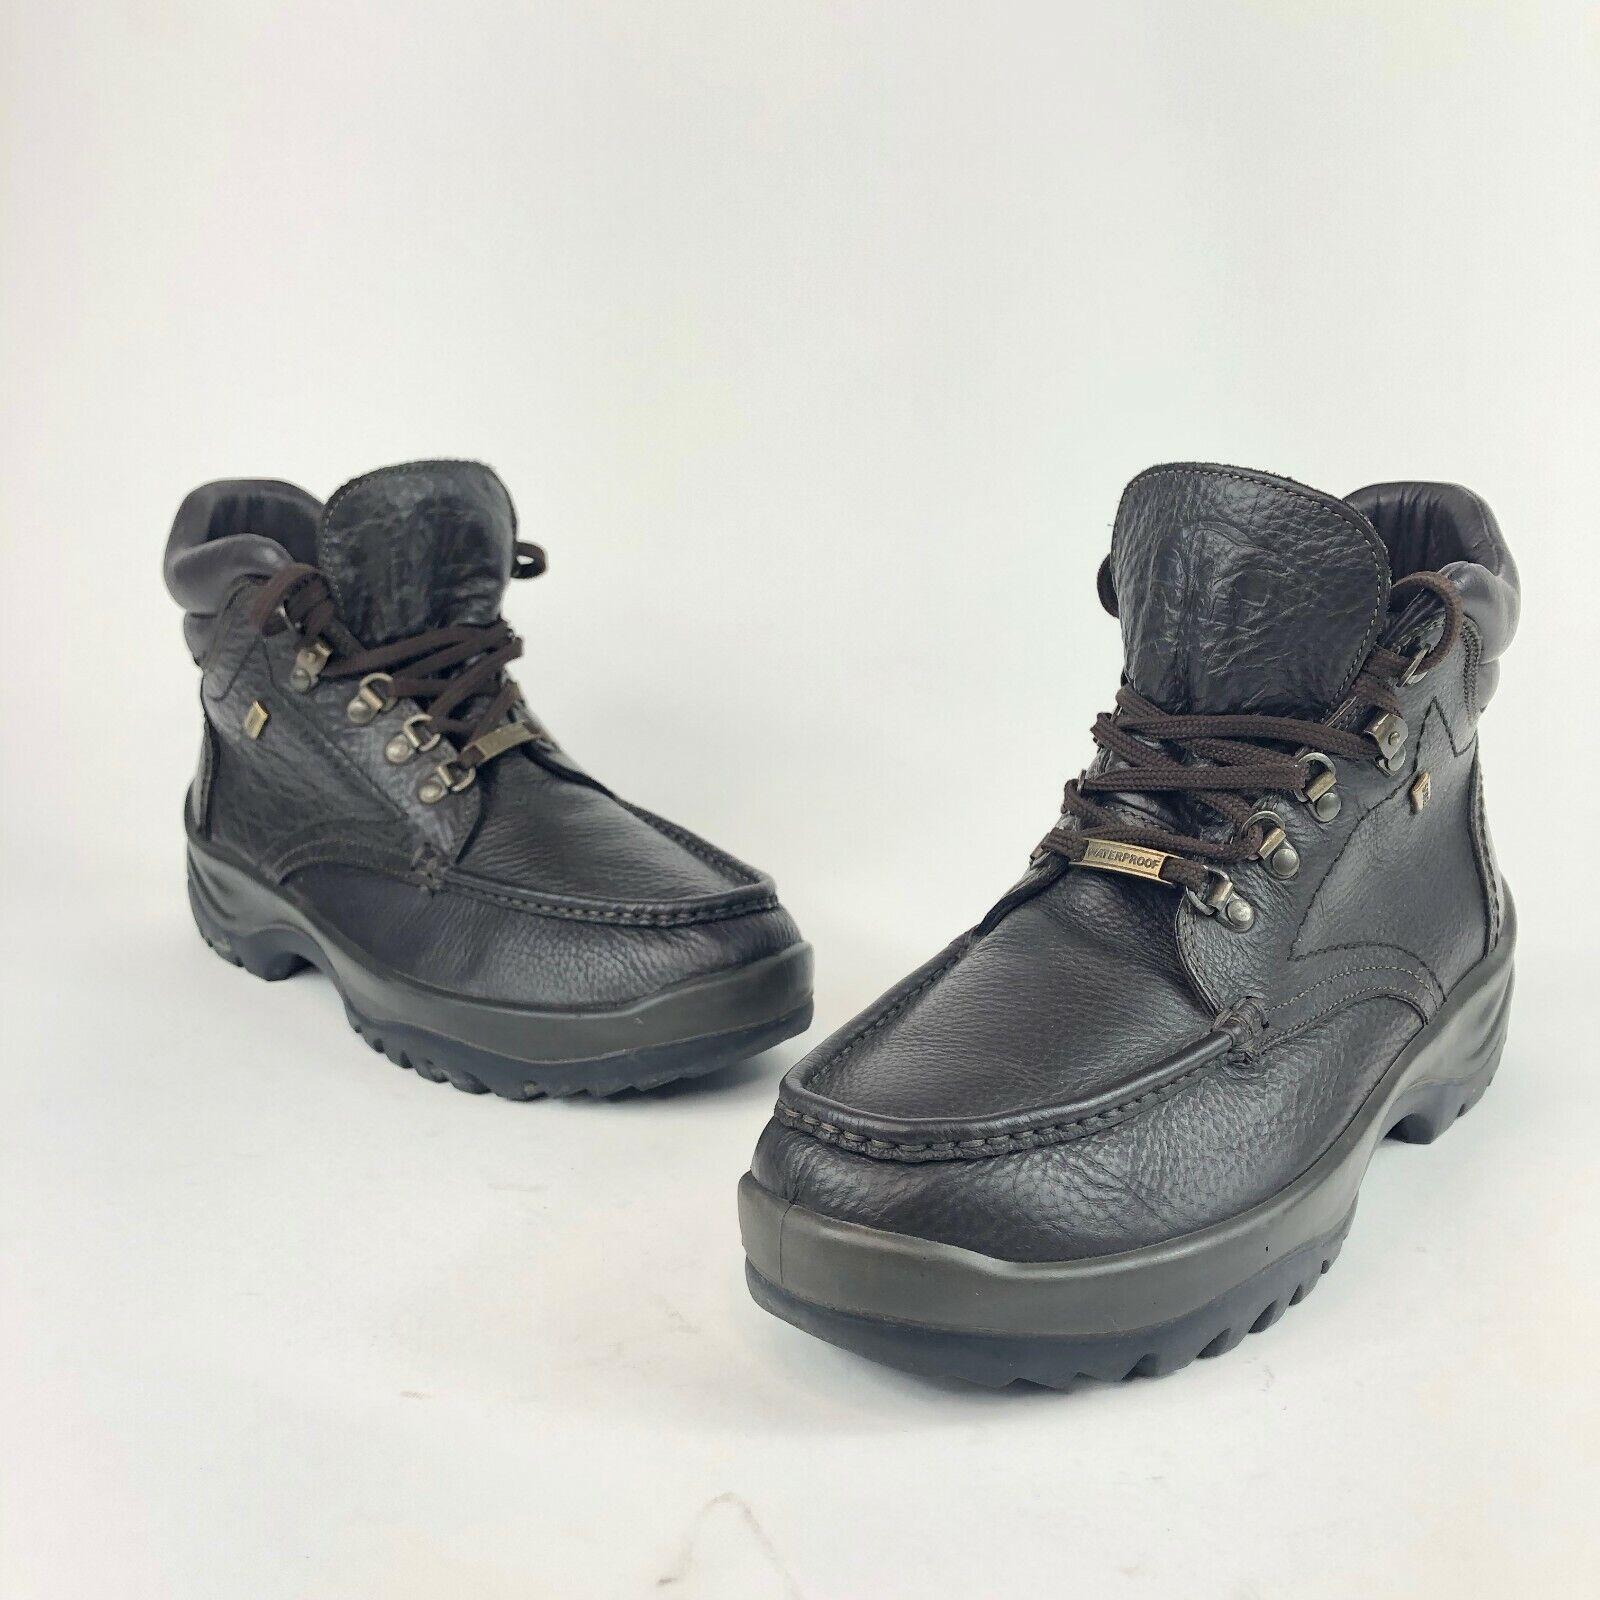 all'ingrosso economico e di alta qualità VTG Uomo Sorel Sorel Sorel Atlantis Waterproof Hiking Leather Ankle stivali Made in  EUC  più economico